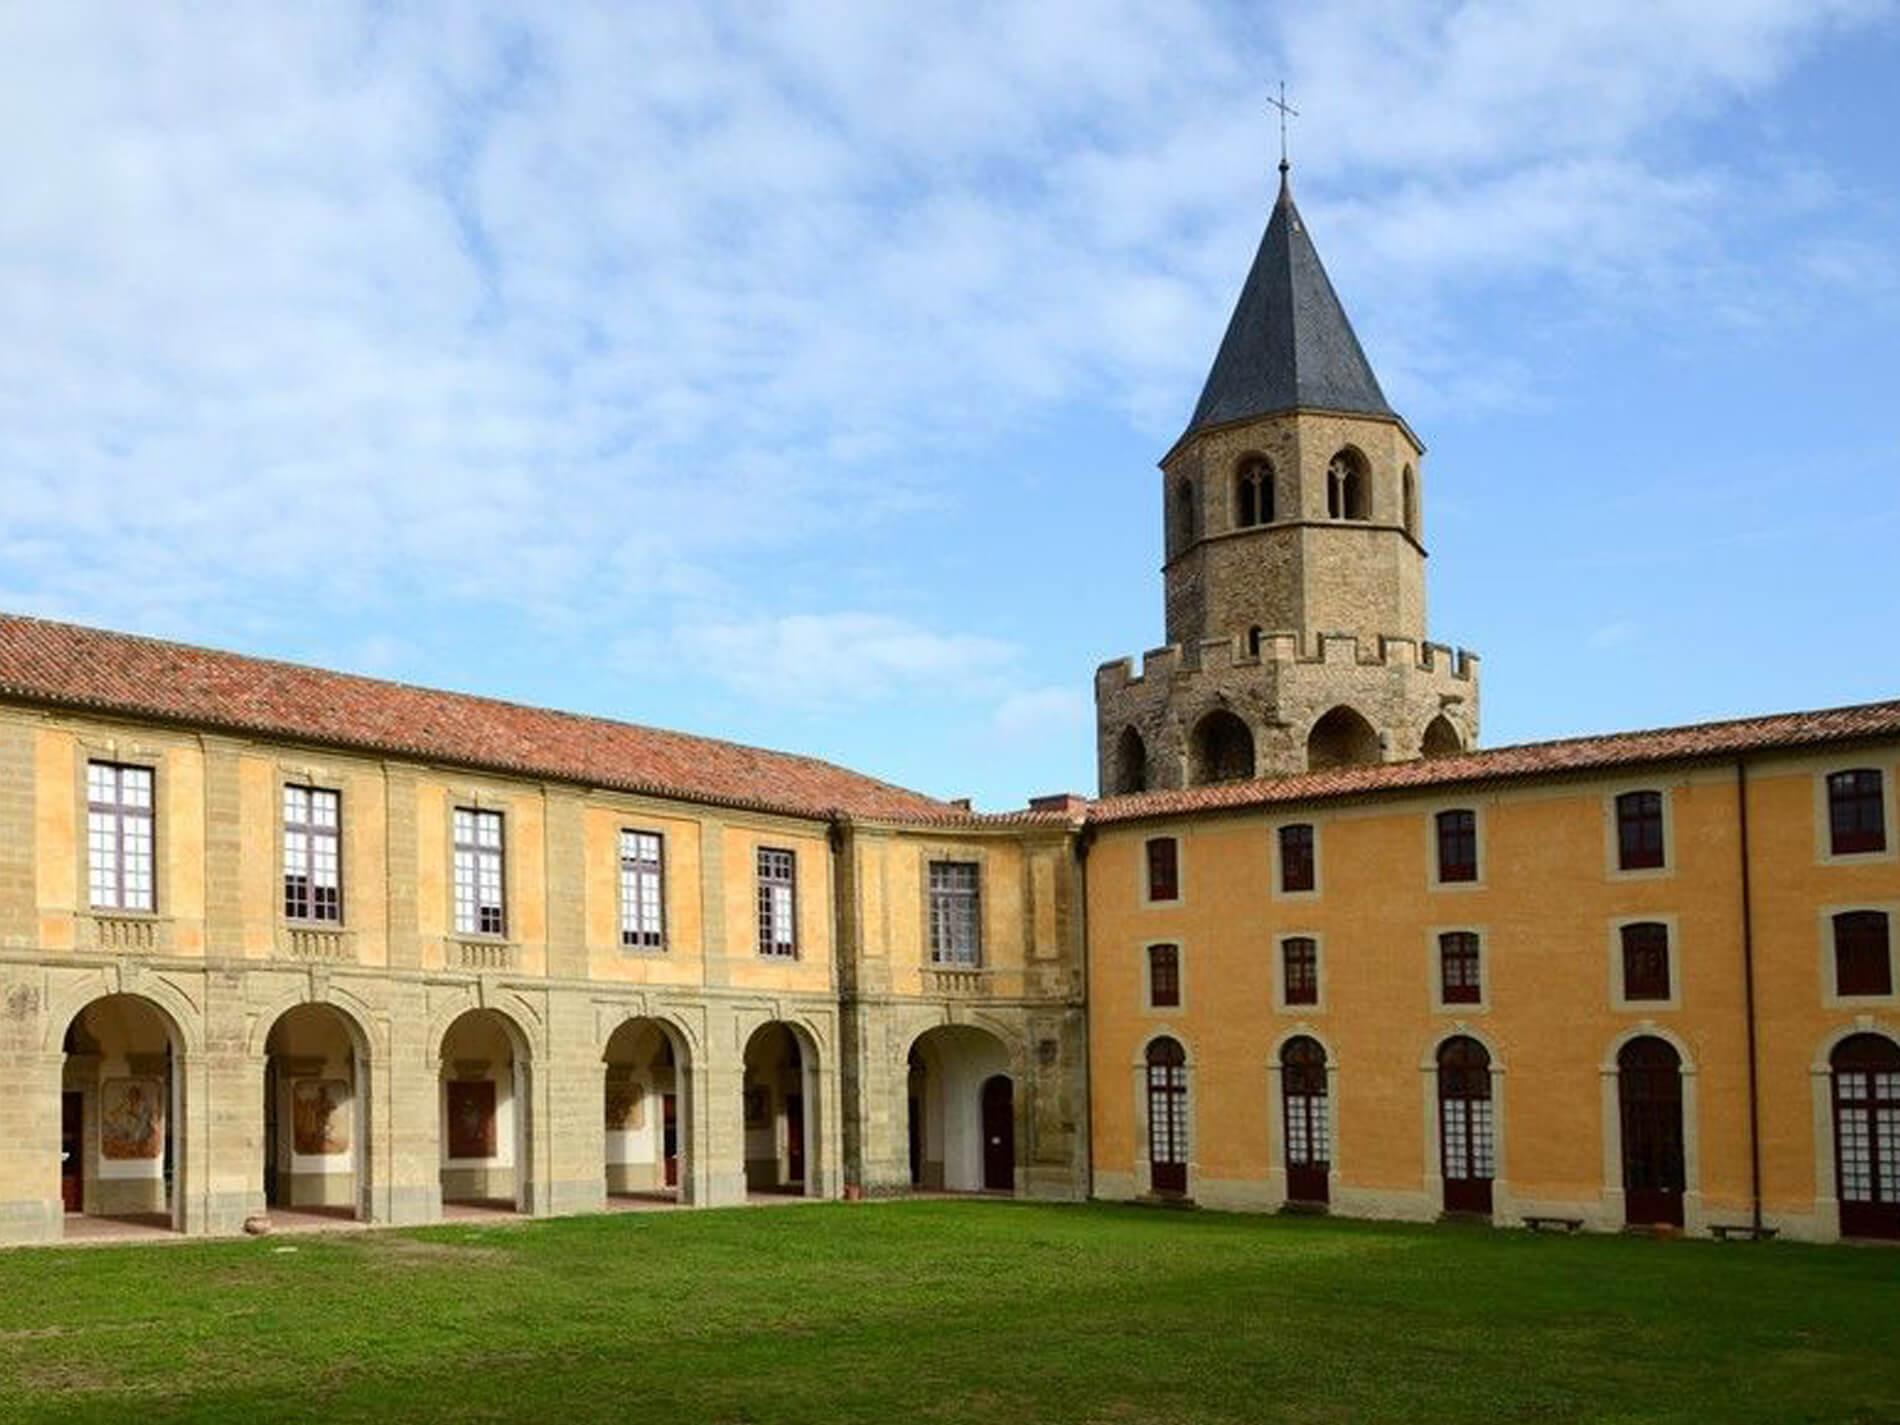 L'Abbaye École de Sorèze dans le Tarn